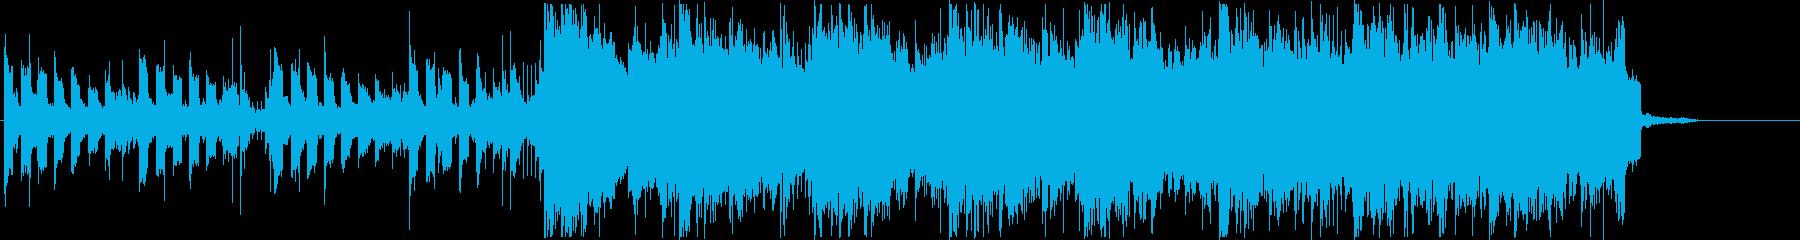 ダークで緊張感のあるスタイリッシュな曲の再生済みの波形